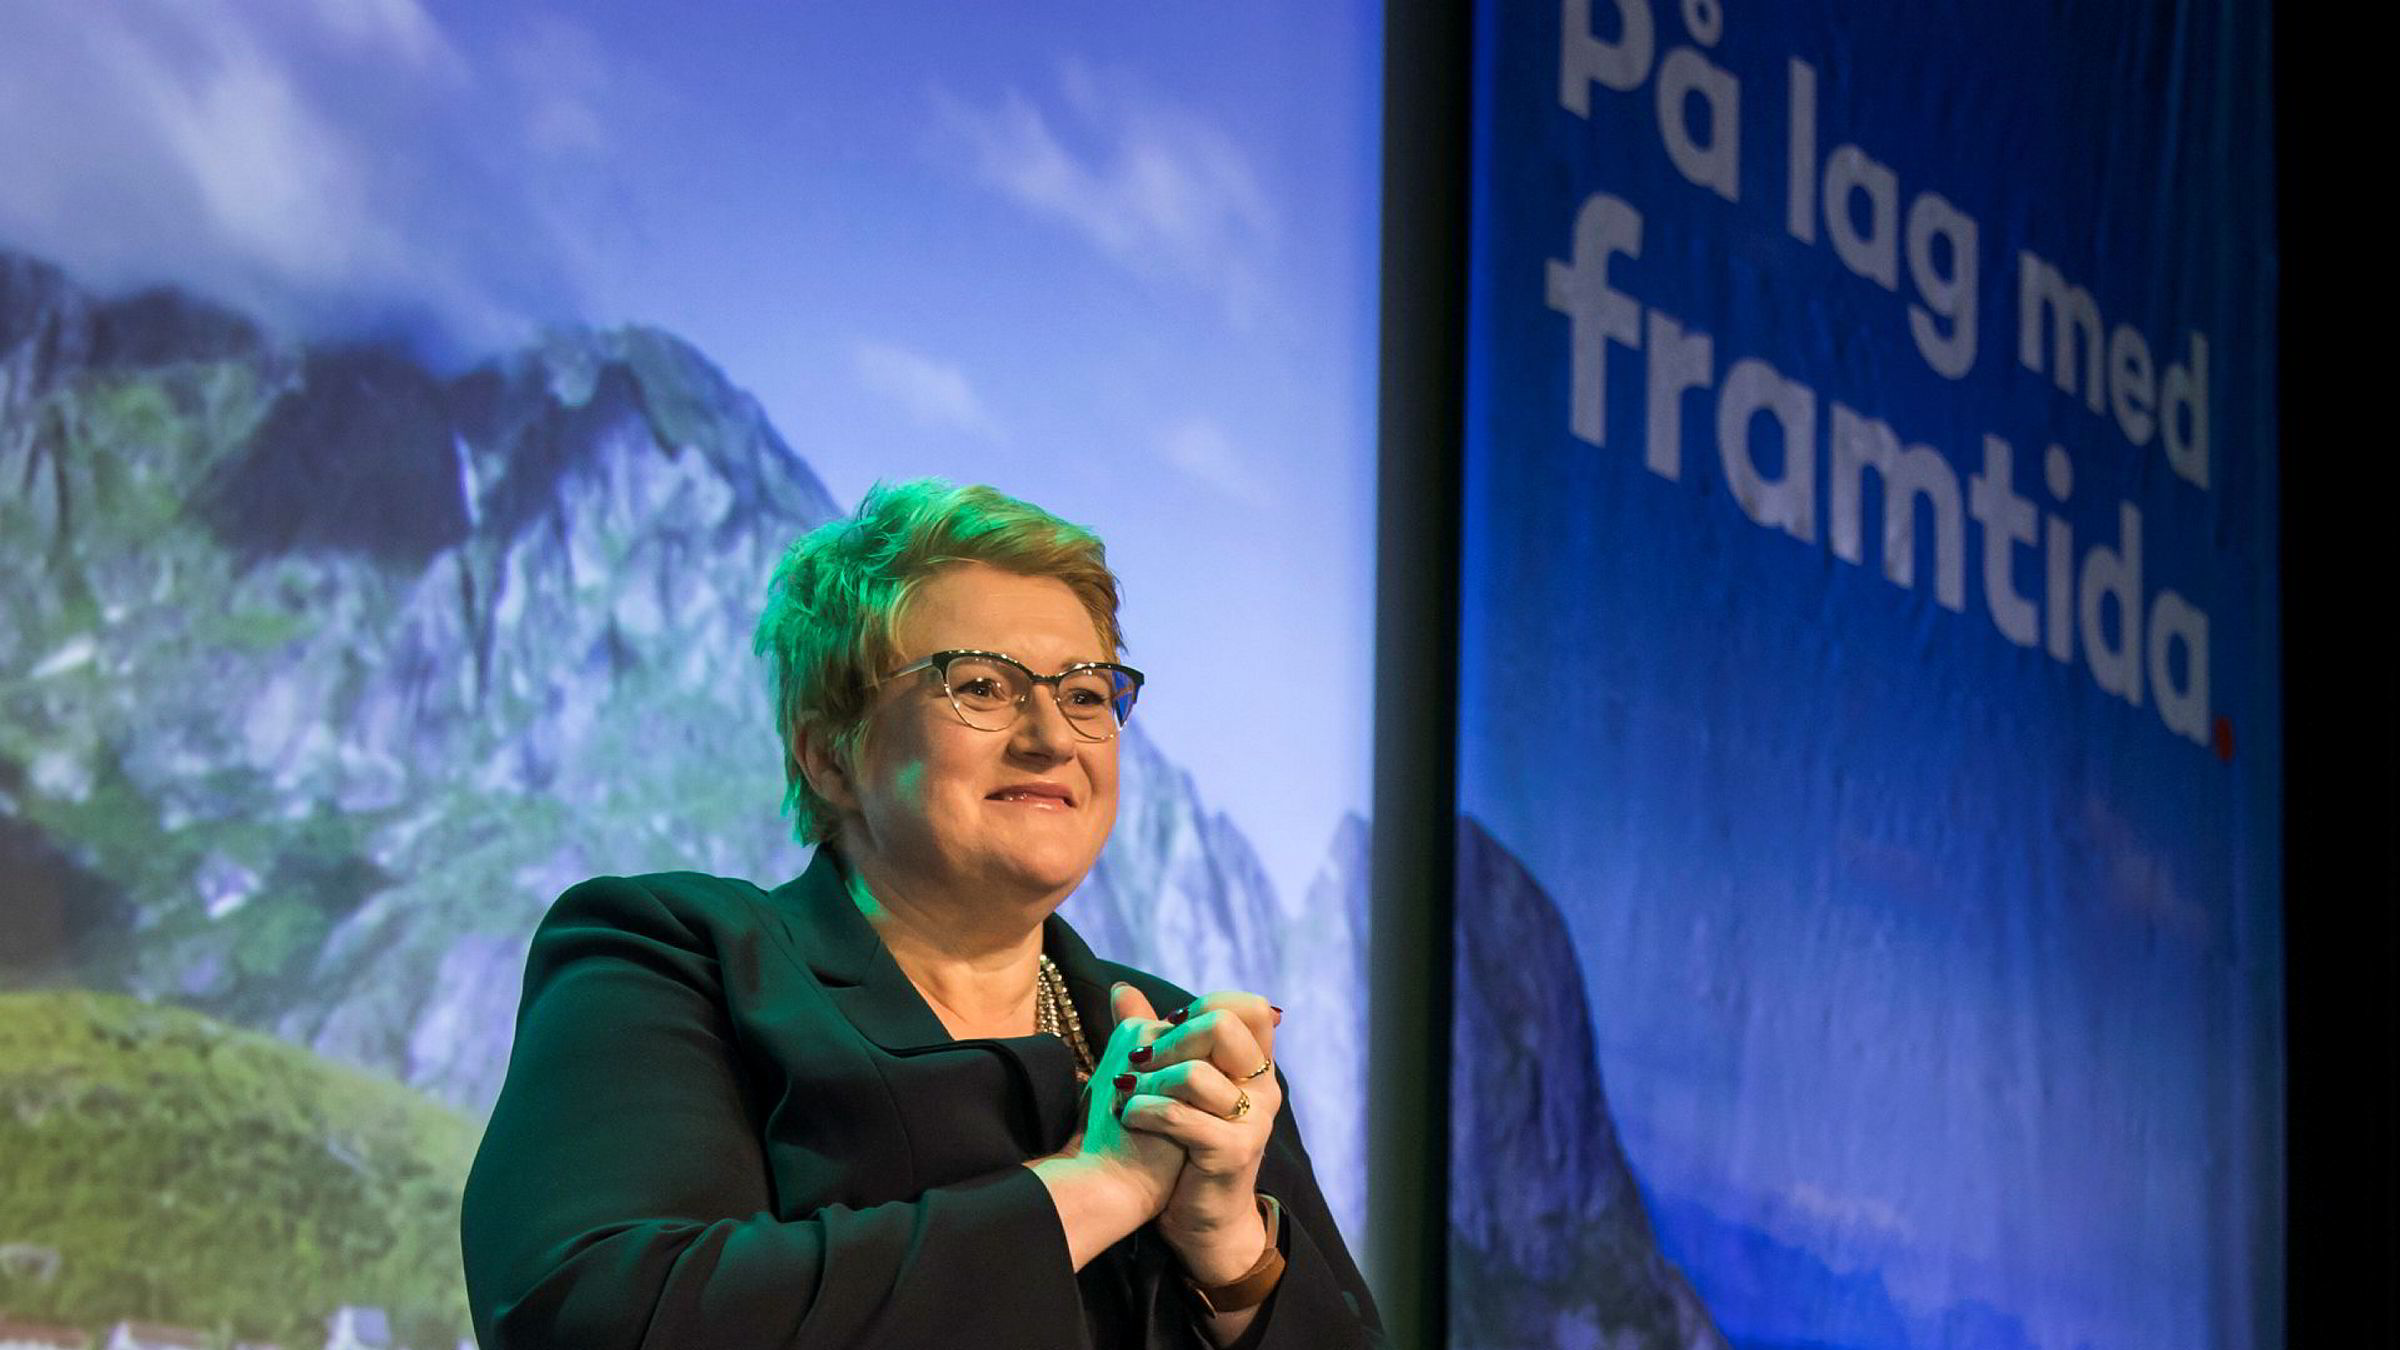 Et splittet Venstre sa nei til salg av narkotika. Men Trine Skei Grande ble enstemmig gjenvalgt på partiets landsmøte i helgen.